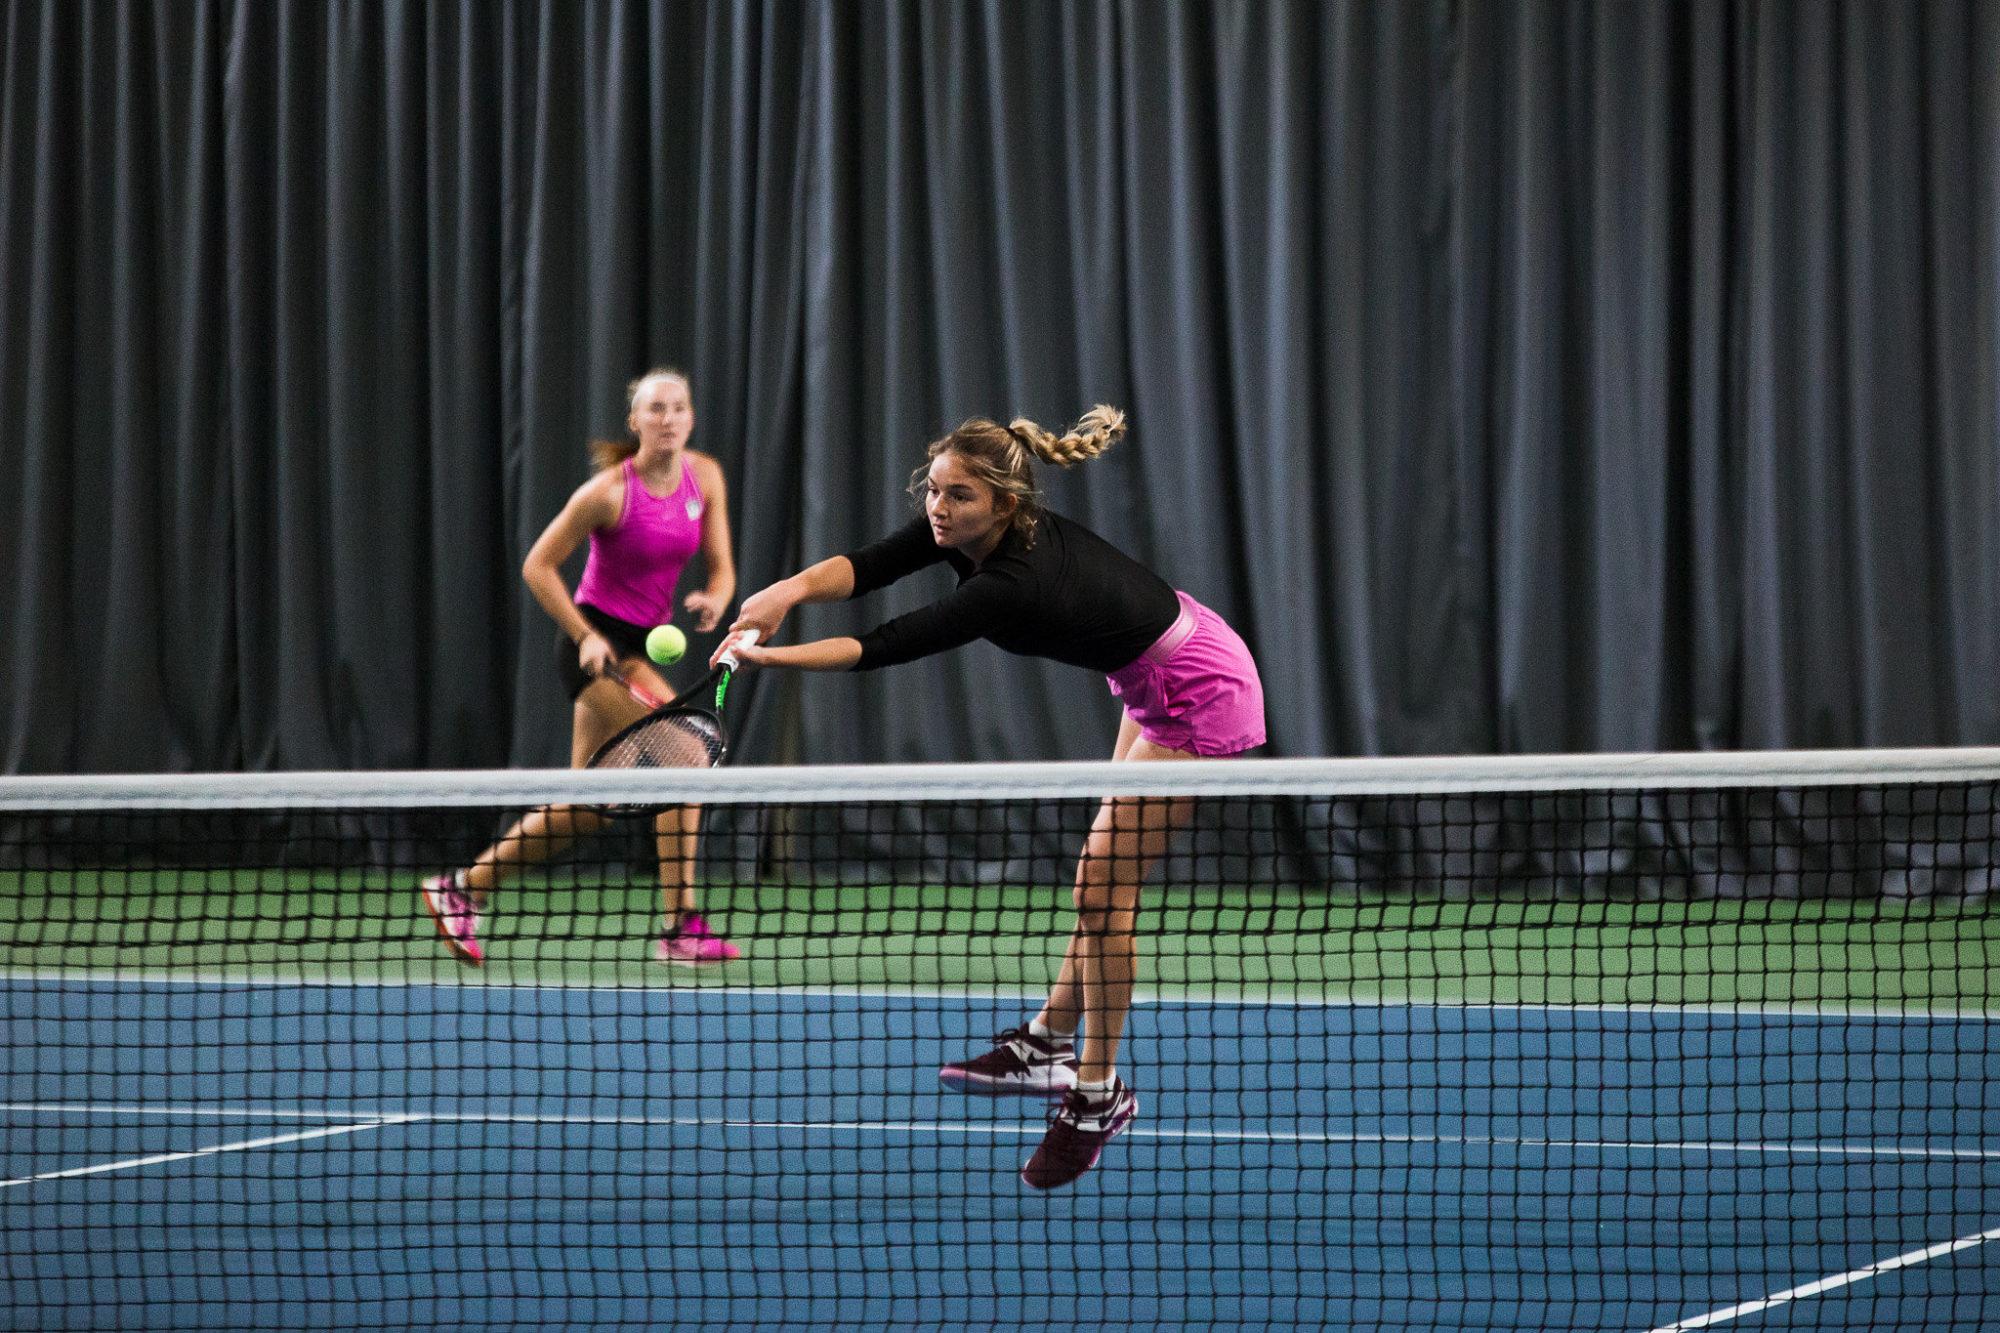 В Лиепае проходит международный женский турнир ITF по теннису «Liepaja Open»